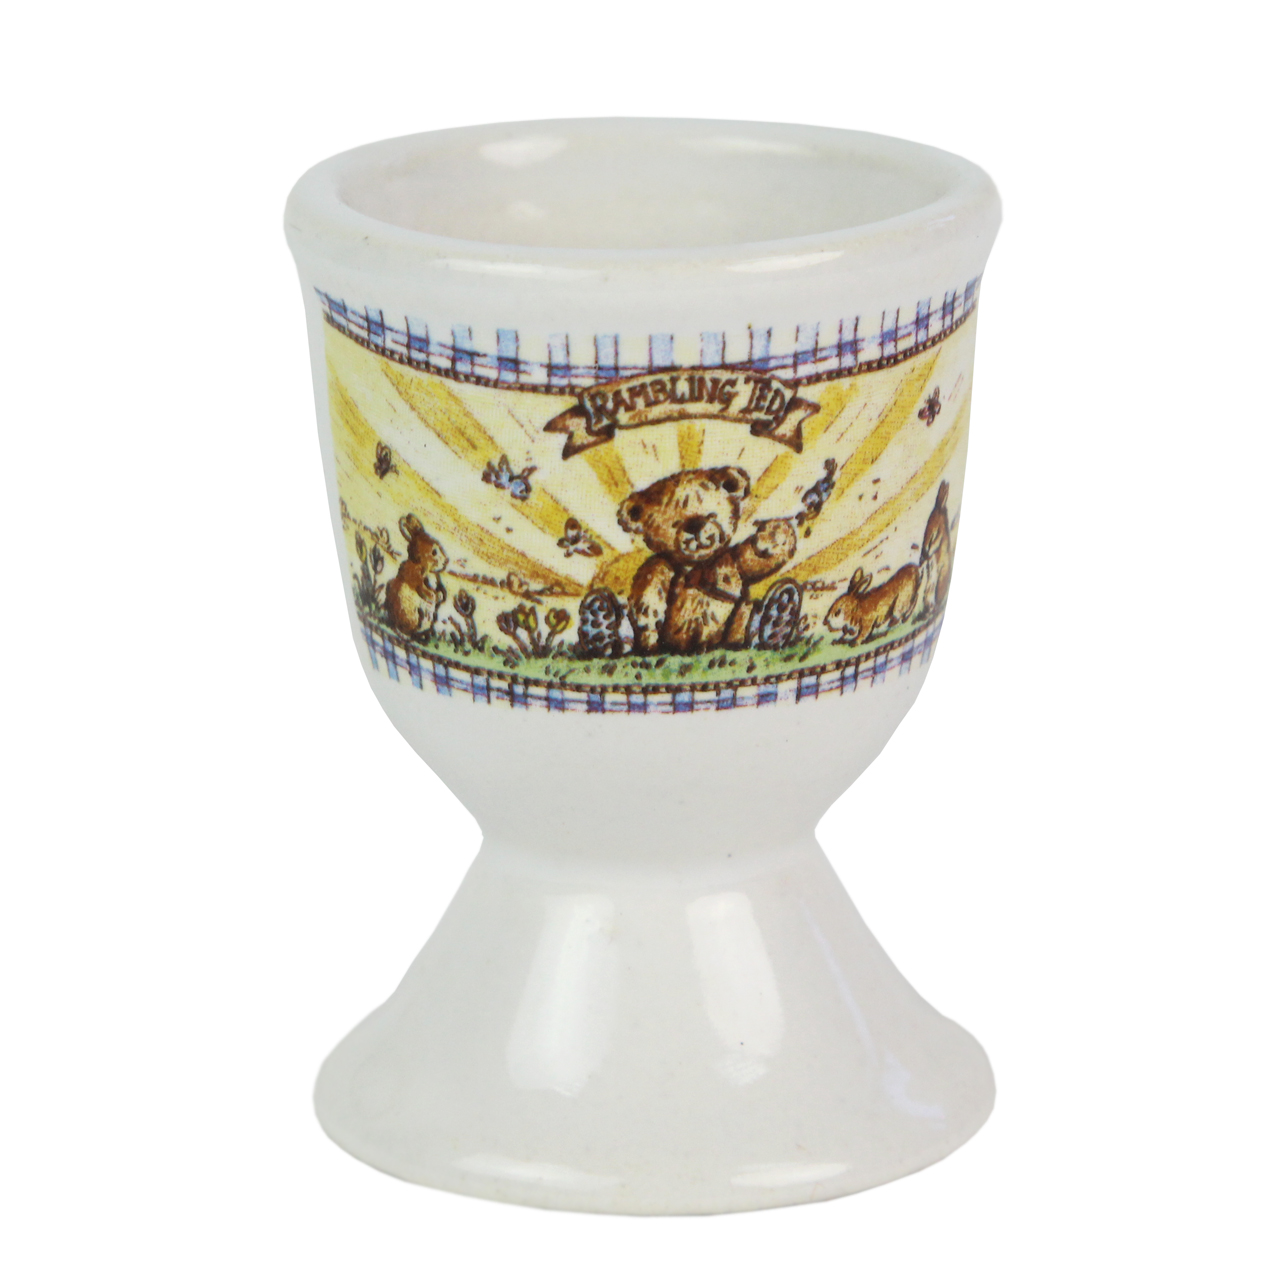 Suport Pentru Ou Din Ceramica Cu Animale